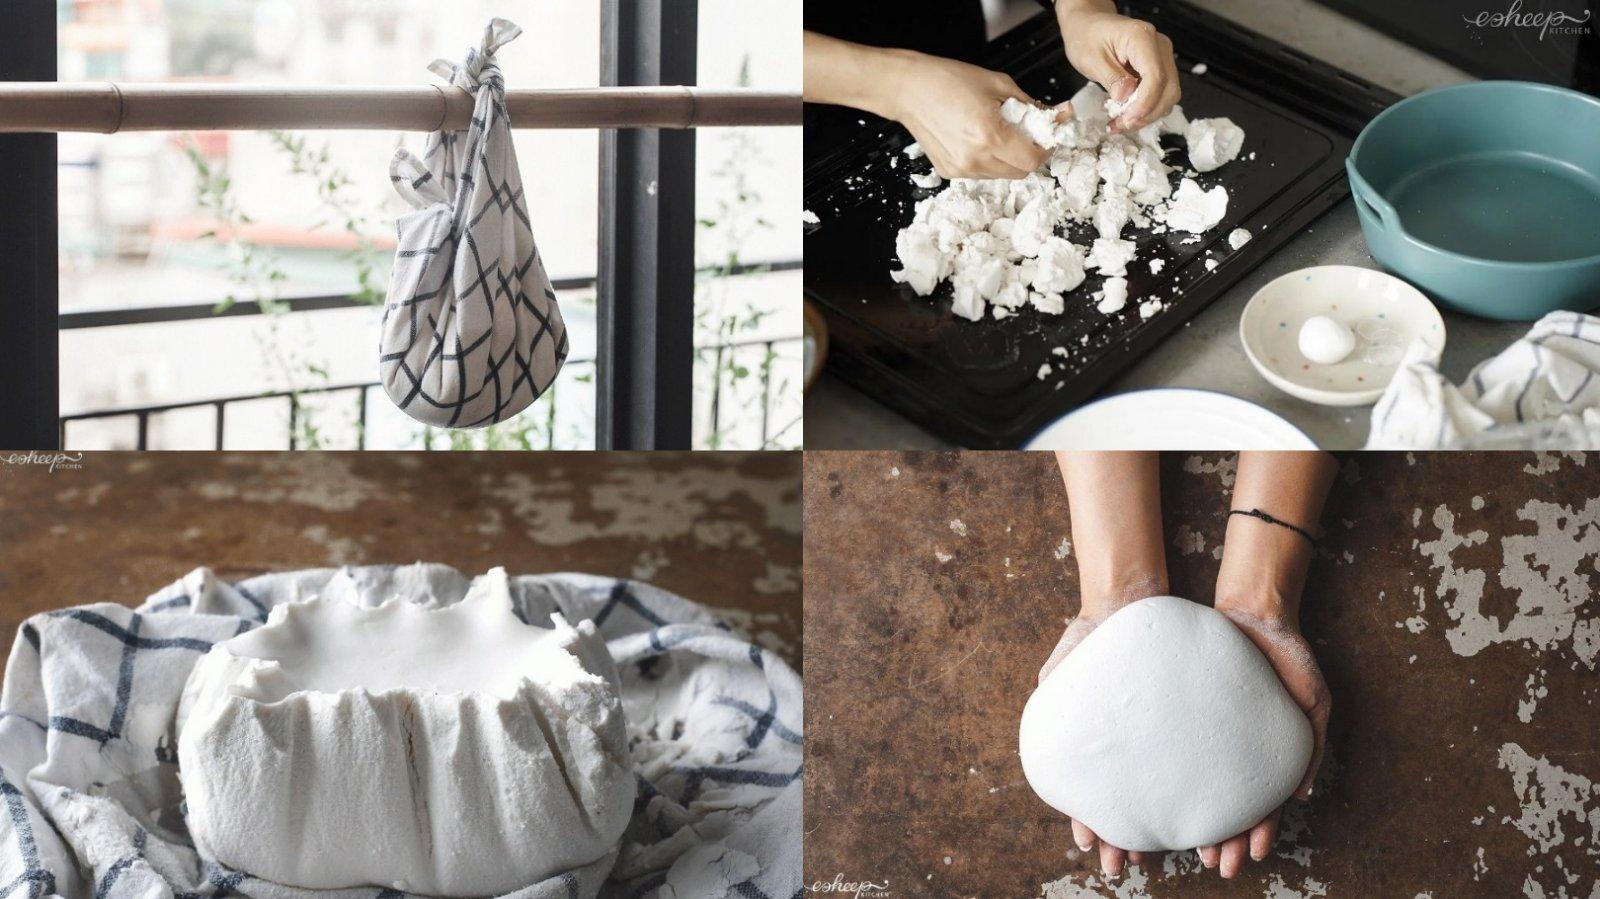 Cách chuẩn bị bột ướt làm bánh trôi, bánh chay